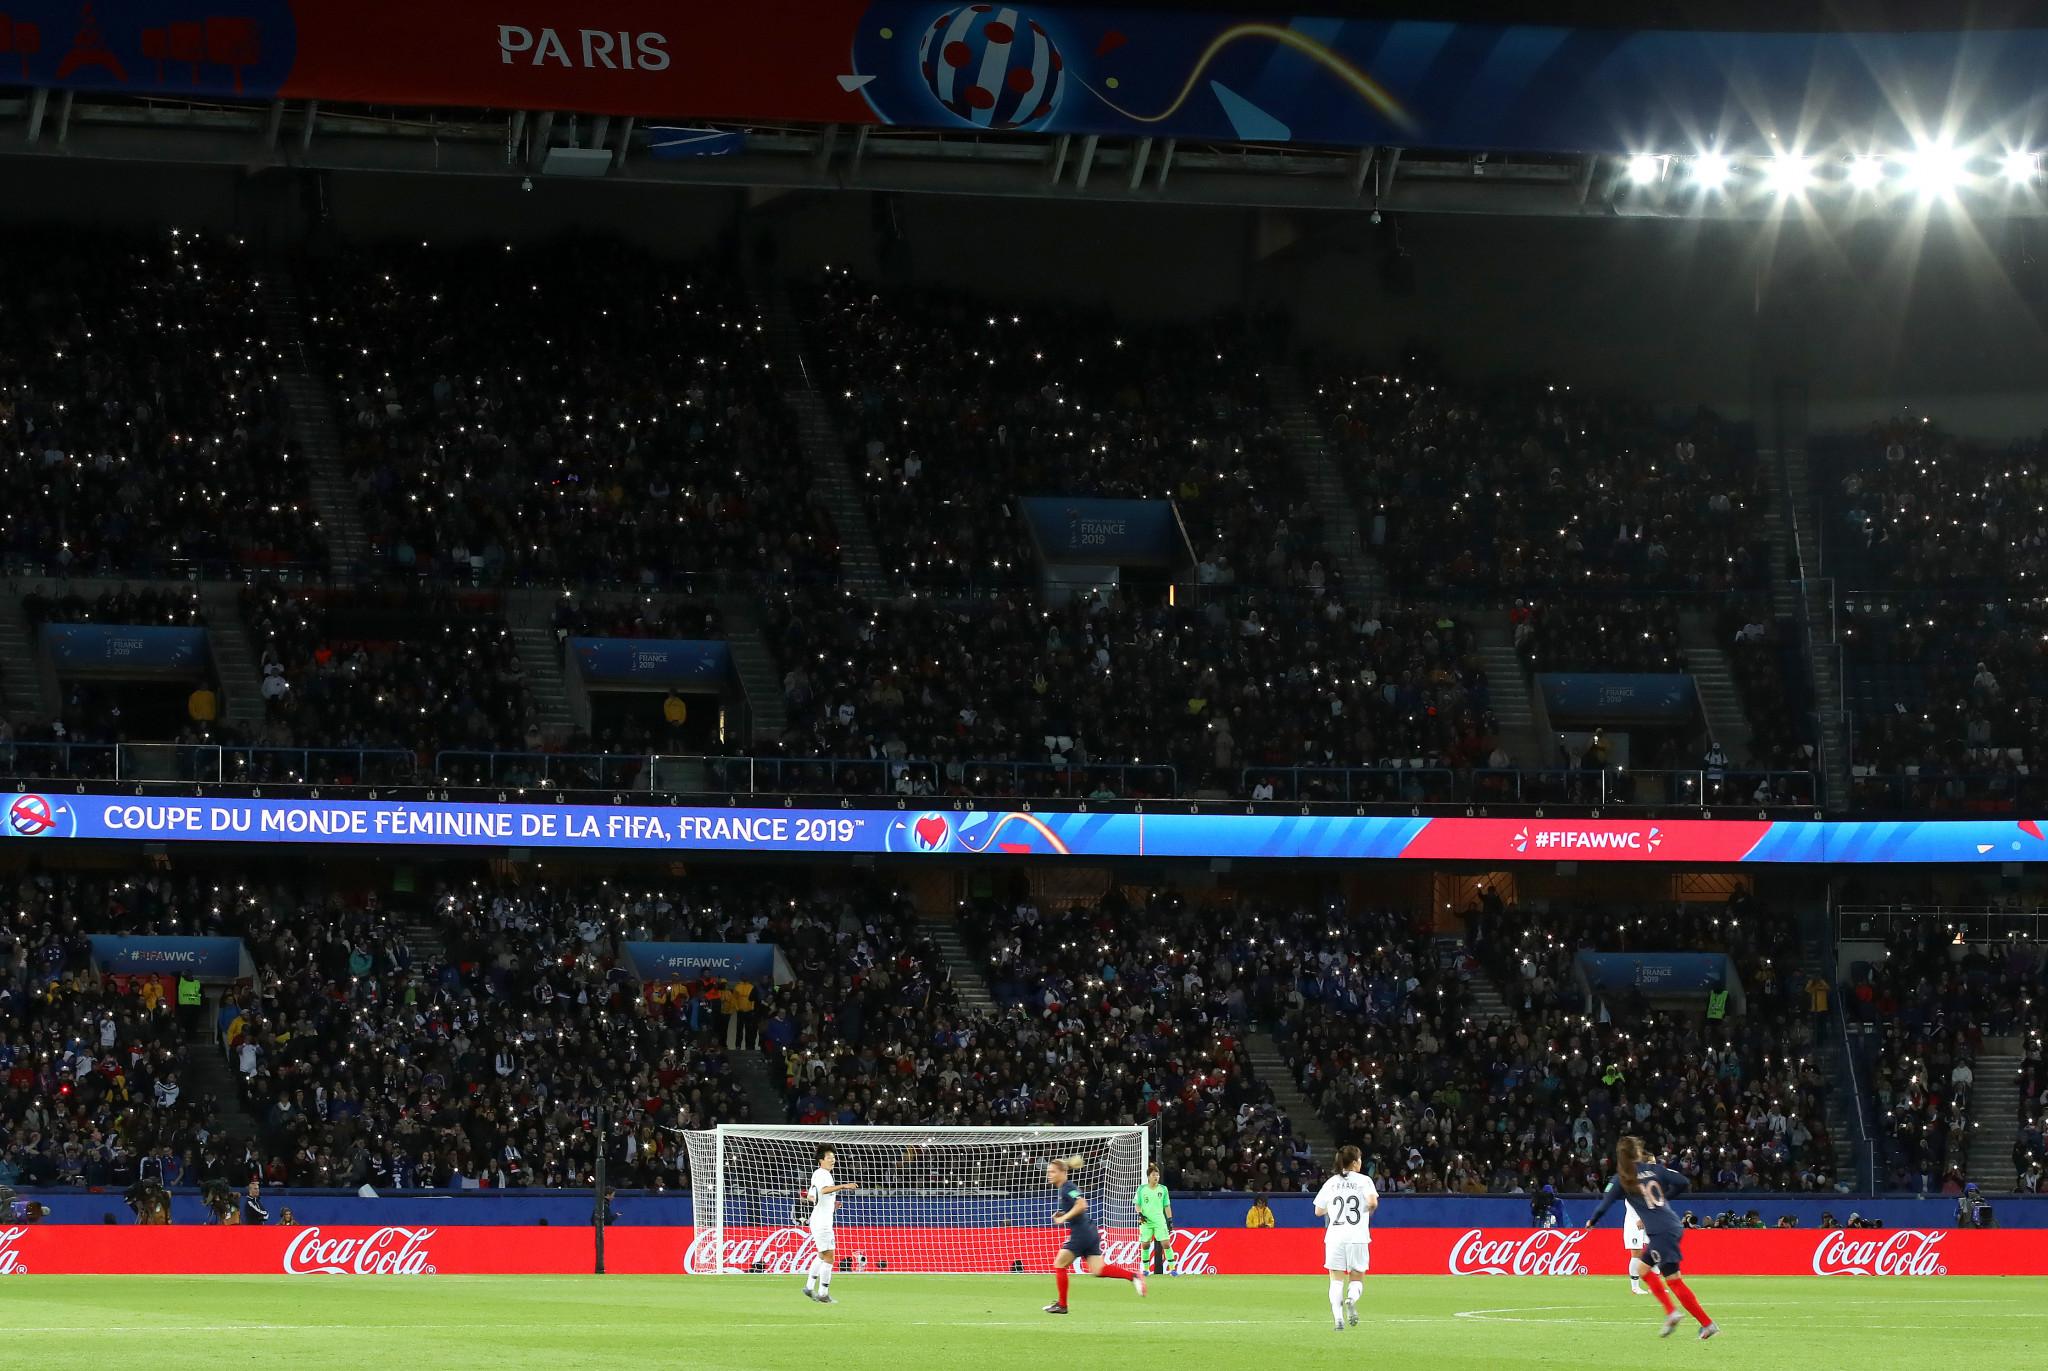 In total, 45,261 fans were in attendance at Paris's Parc des Princes ©Getty Images